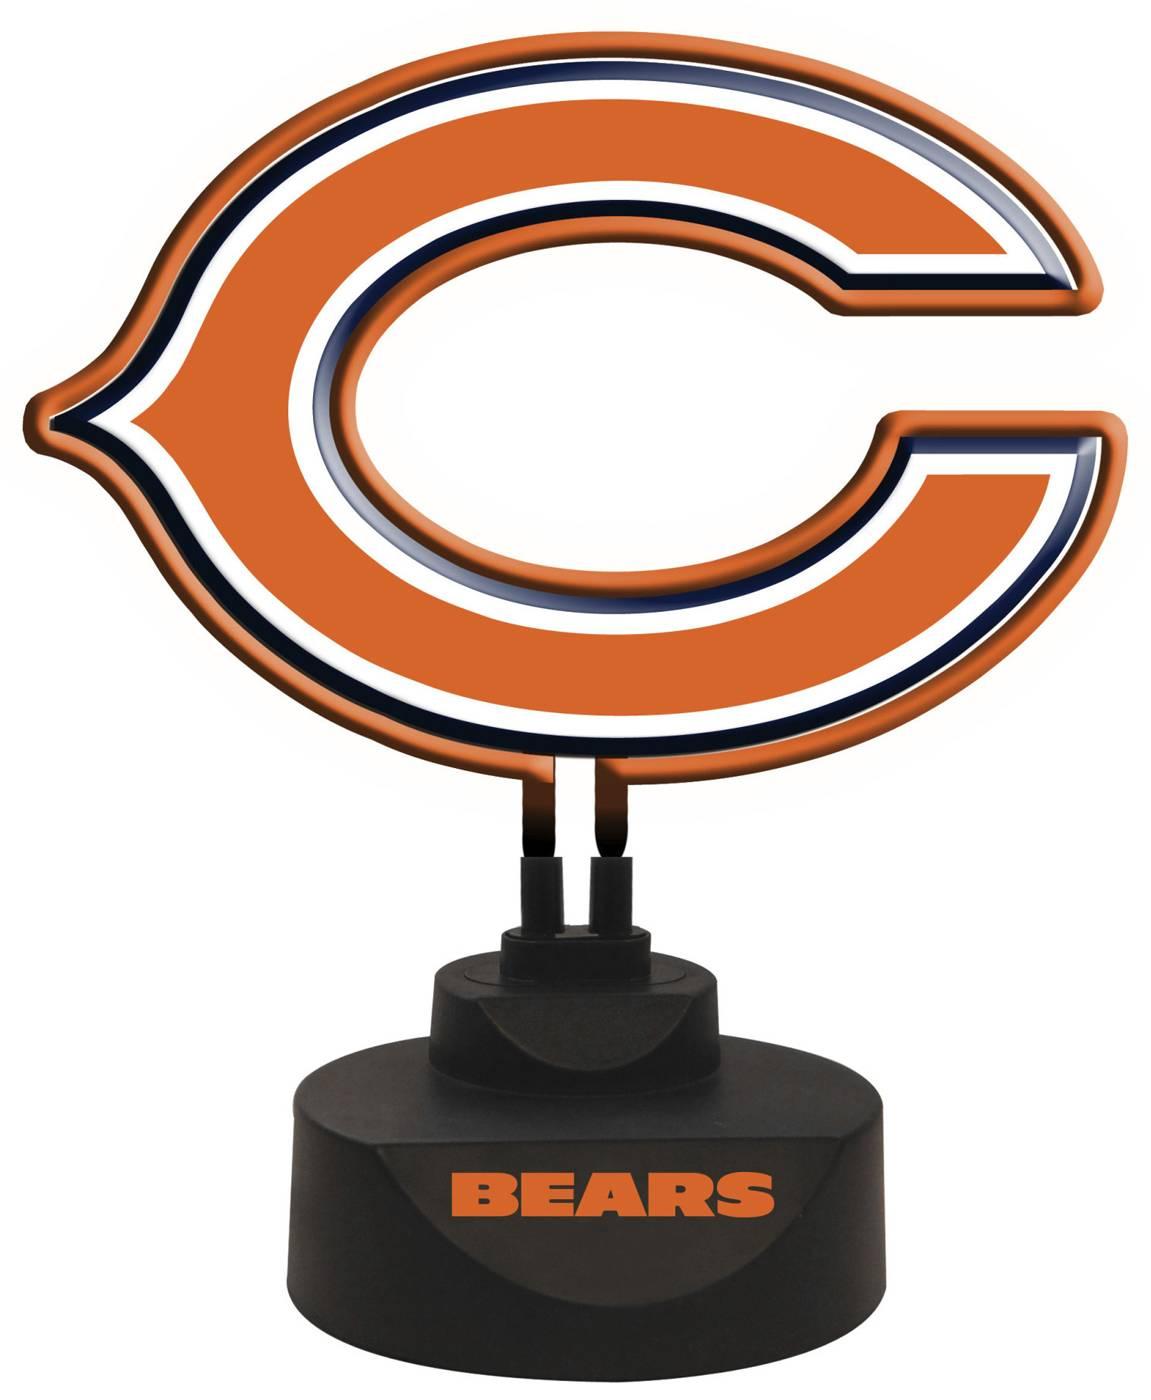 Chicago Bears Team Logo Neon Light